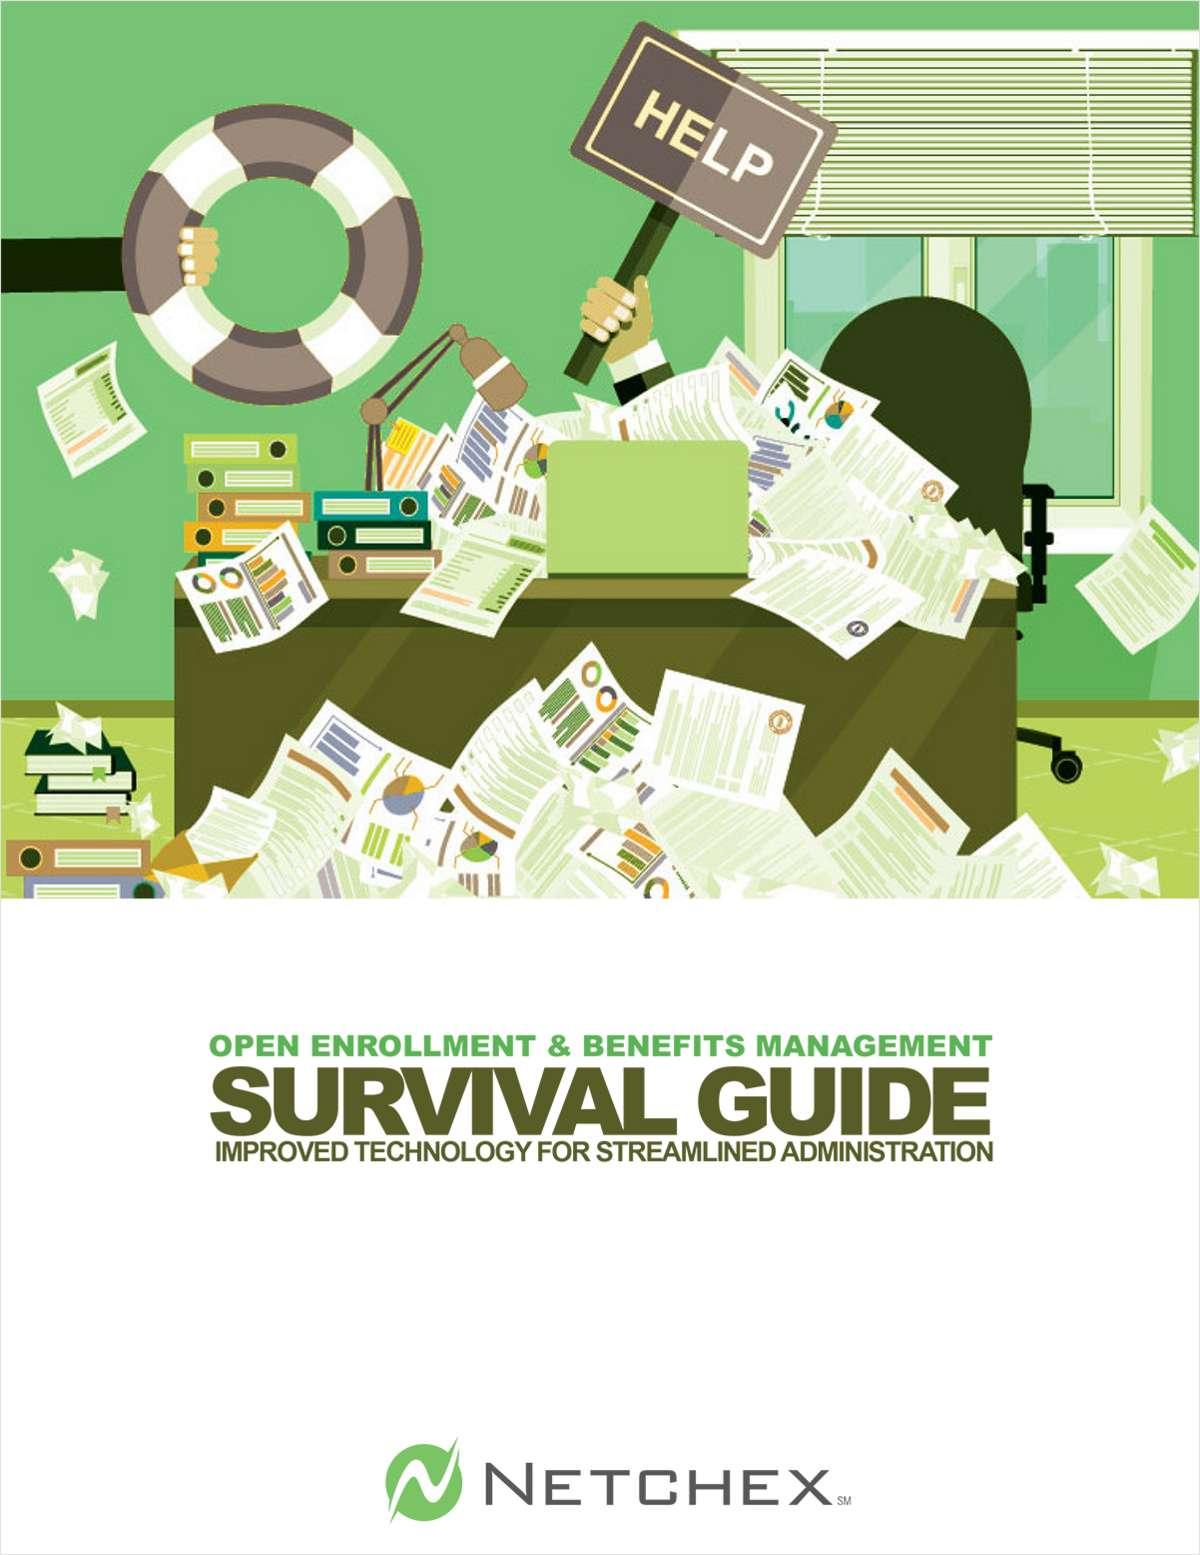 Open Enrollment & Benefits Management Survival Guide